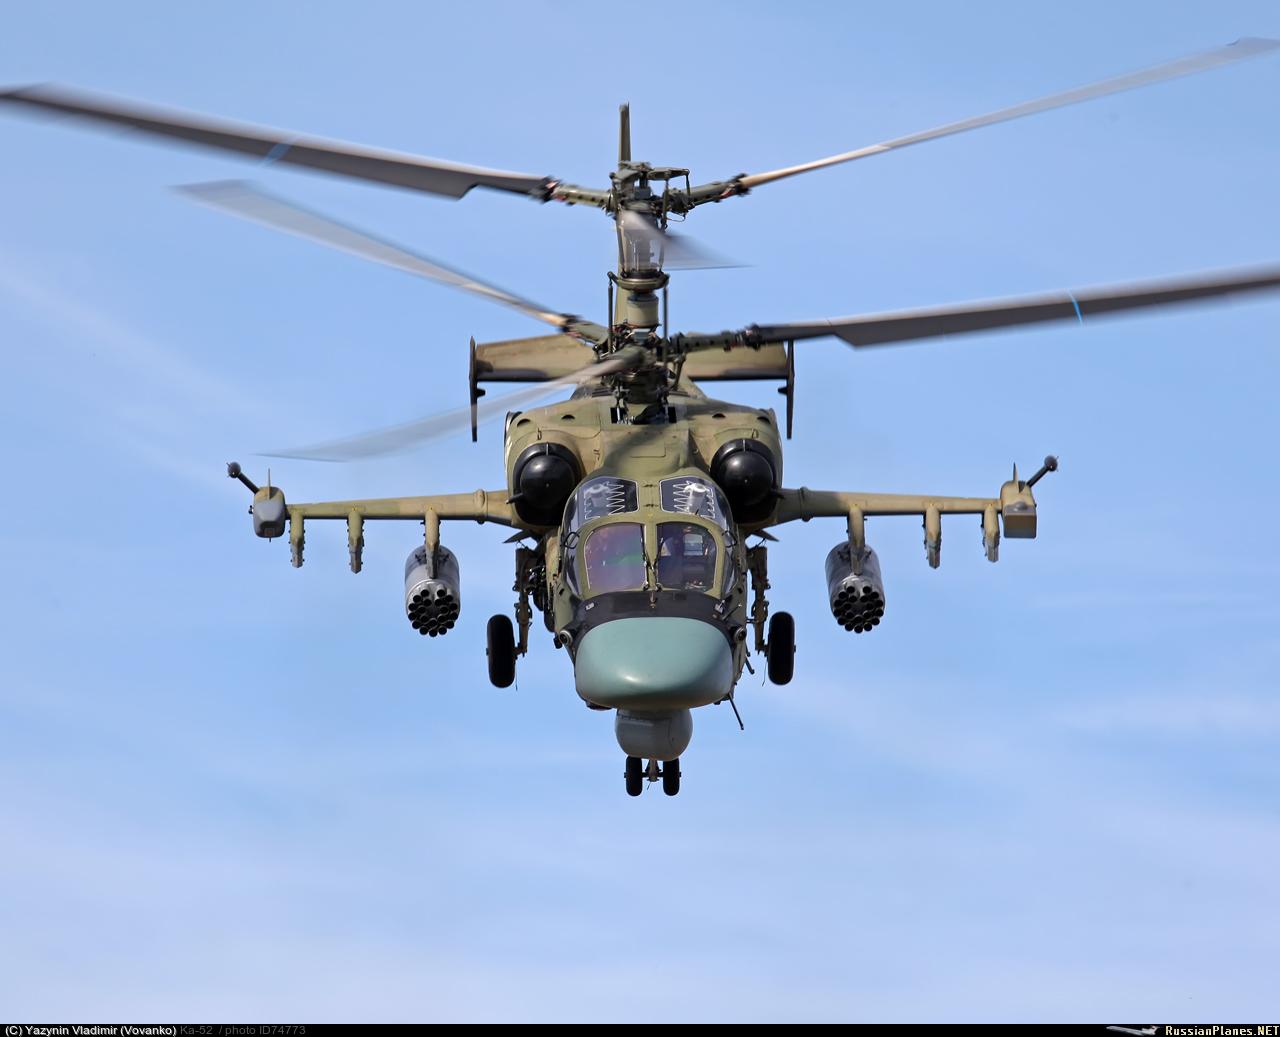 Hélicoptères de combats - Page 6 074773